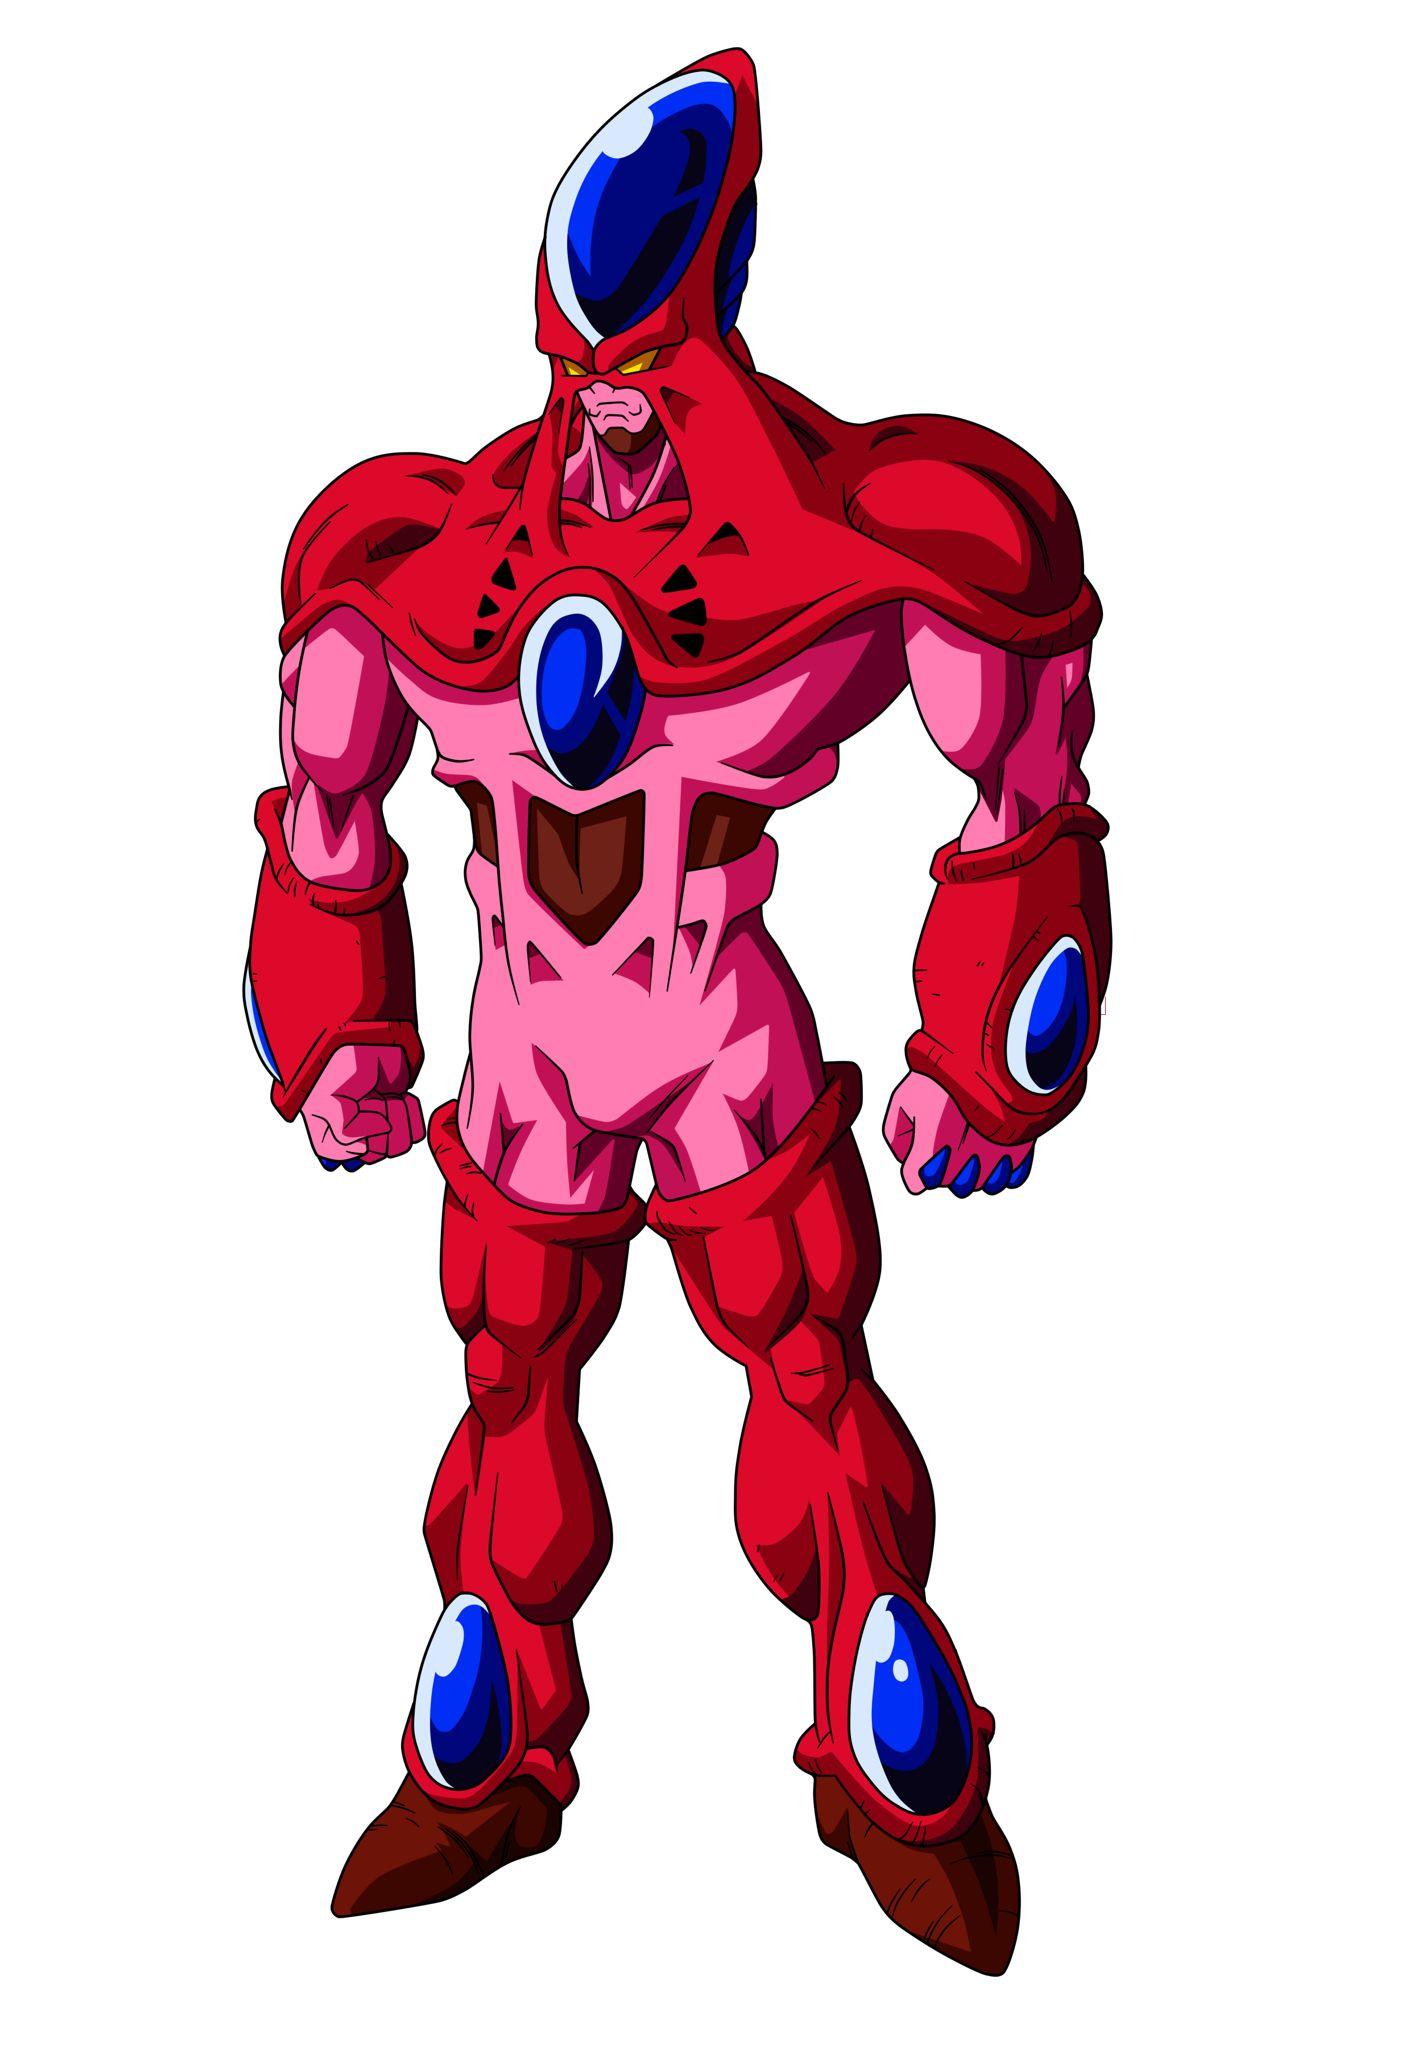 Dragon Ball Z : Plan to Eradicate the Saiyans -- Hatchiyack (With images) | Dragon ball, Dragon ...